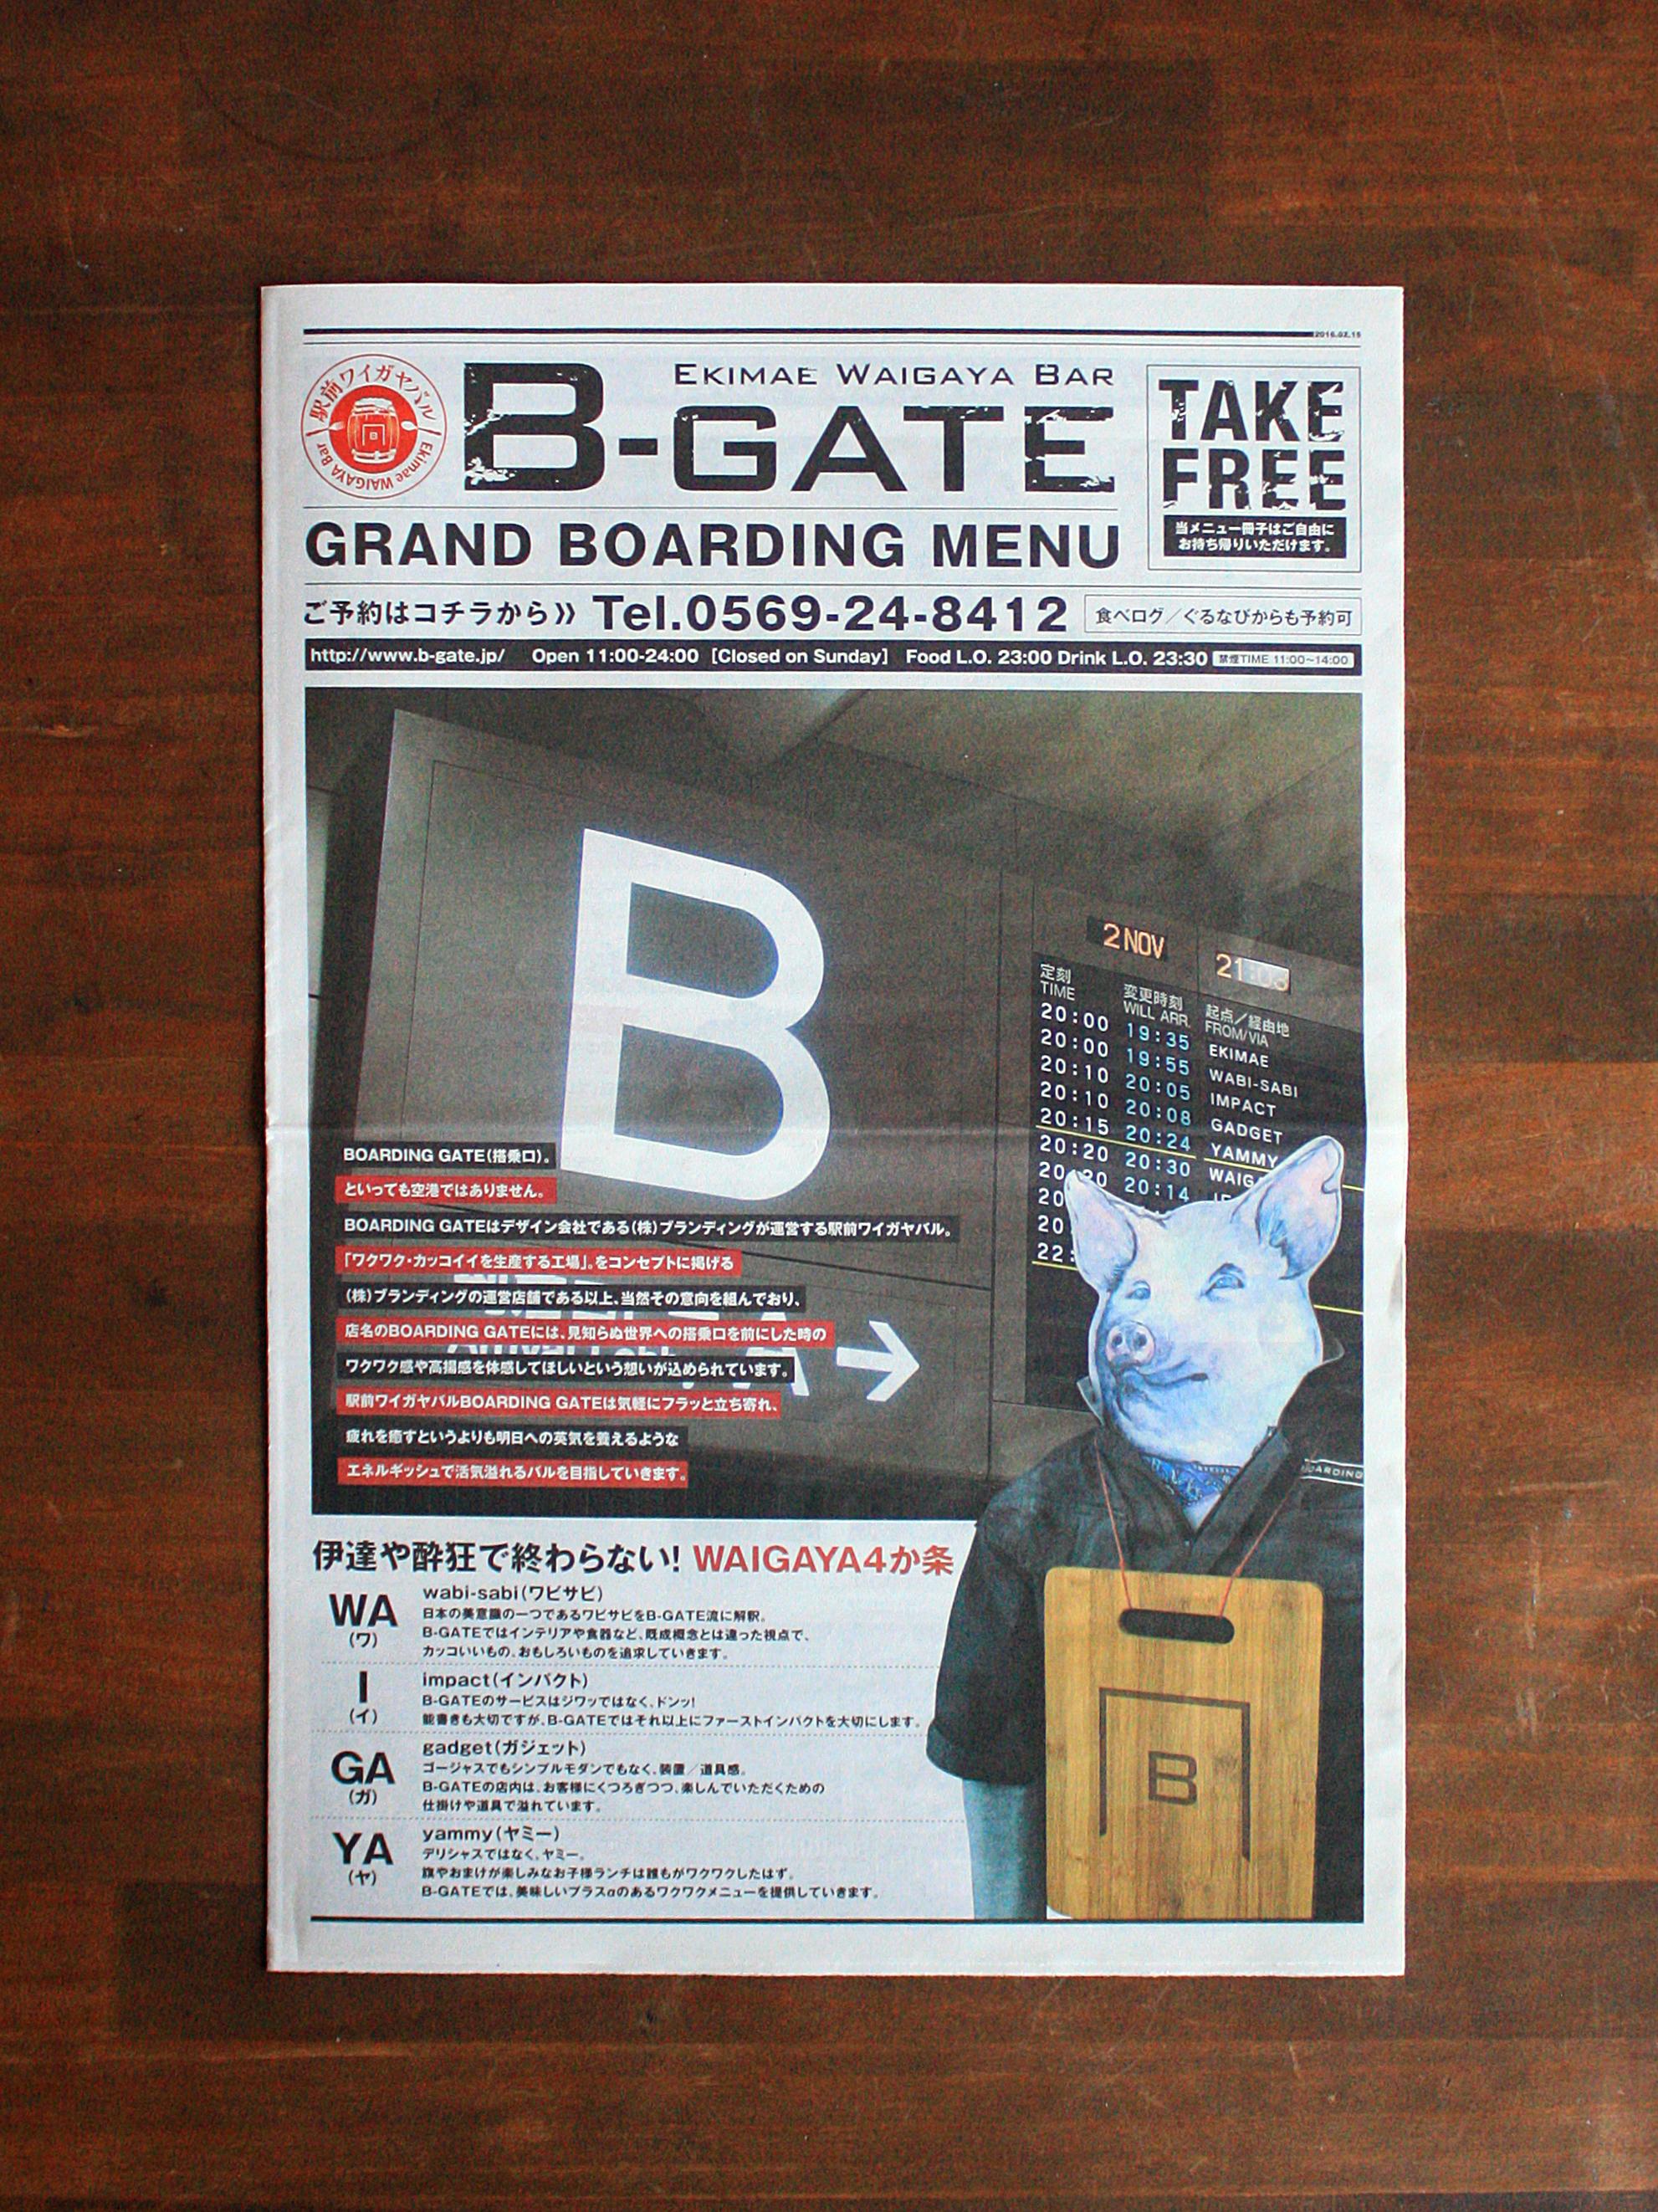 bgate_5